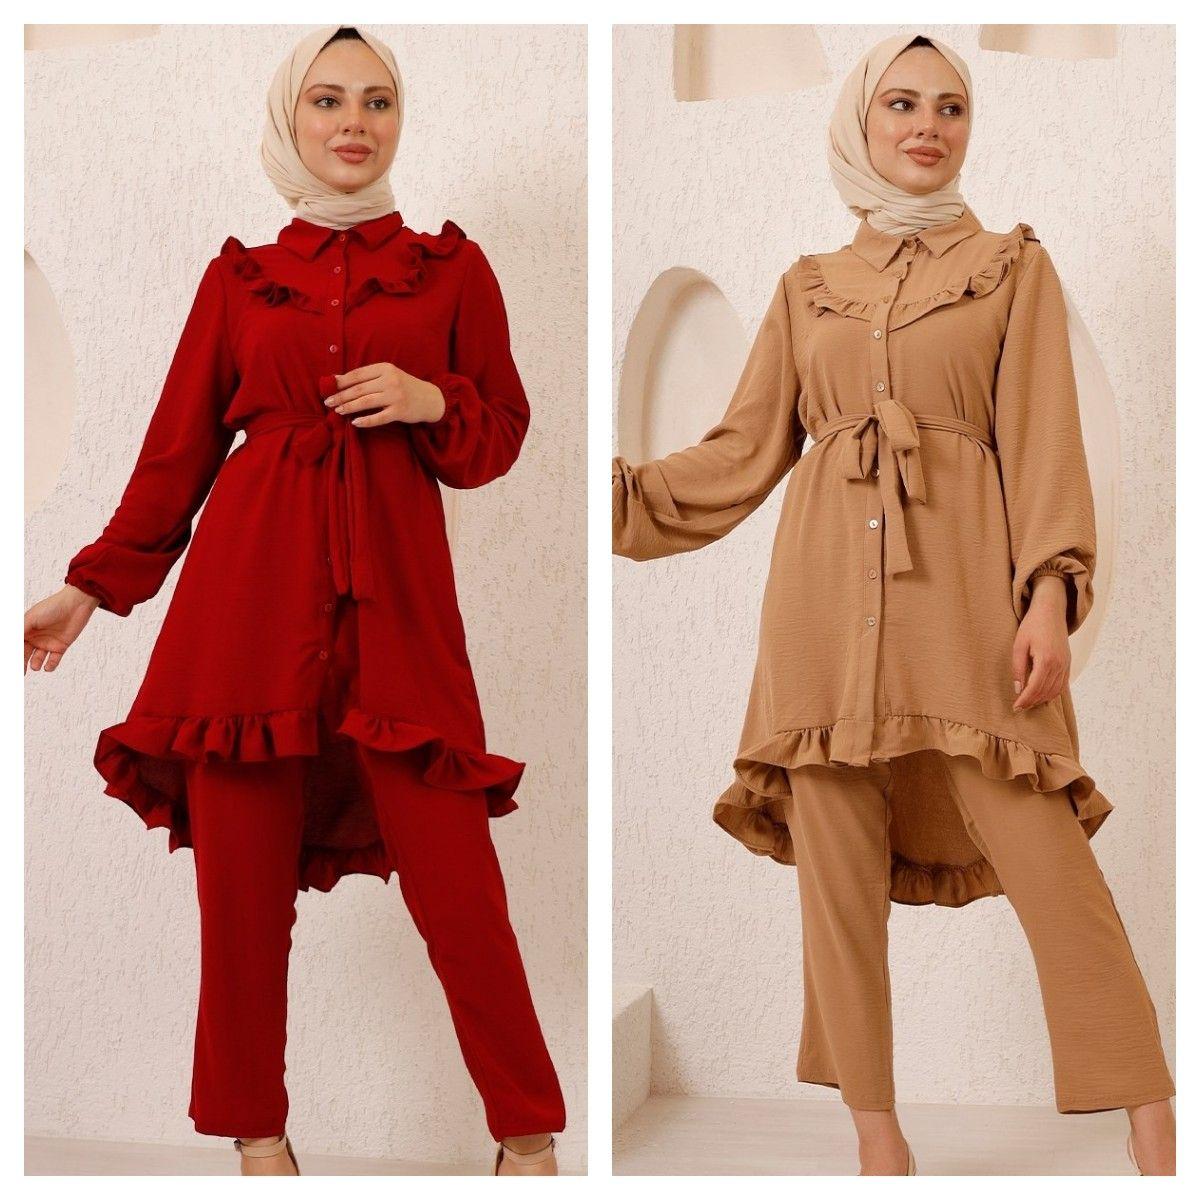 2 قطعة طقم حريمي مريح ، ماكسي تونيك وبنطلون بدلة مزدوجة للشتاء موضة إسلامية ملابس مسلمة تركيا دبي 2021